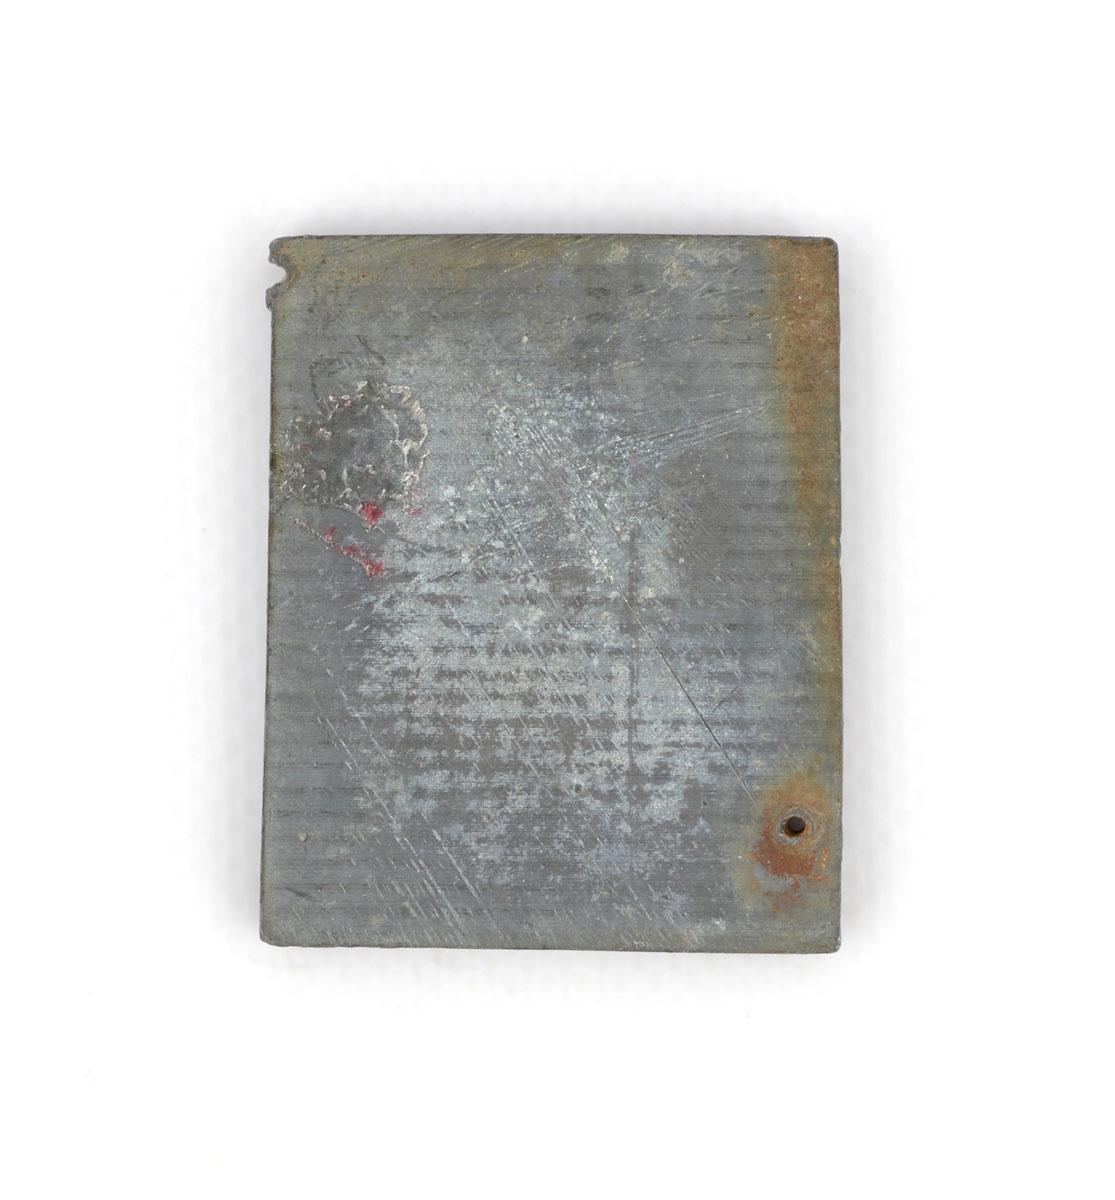 Vue du revers de la matrice de gravure figurant le foyer hygiénique n° 2346.